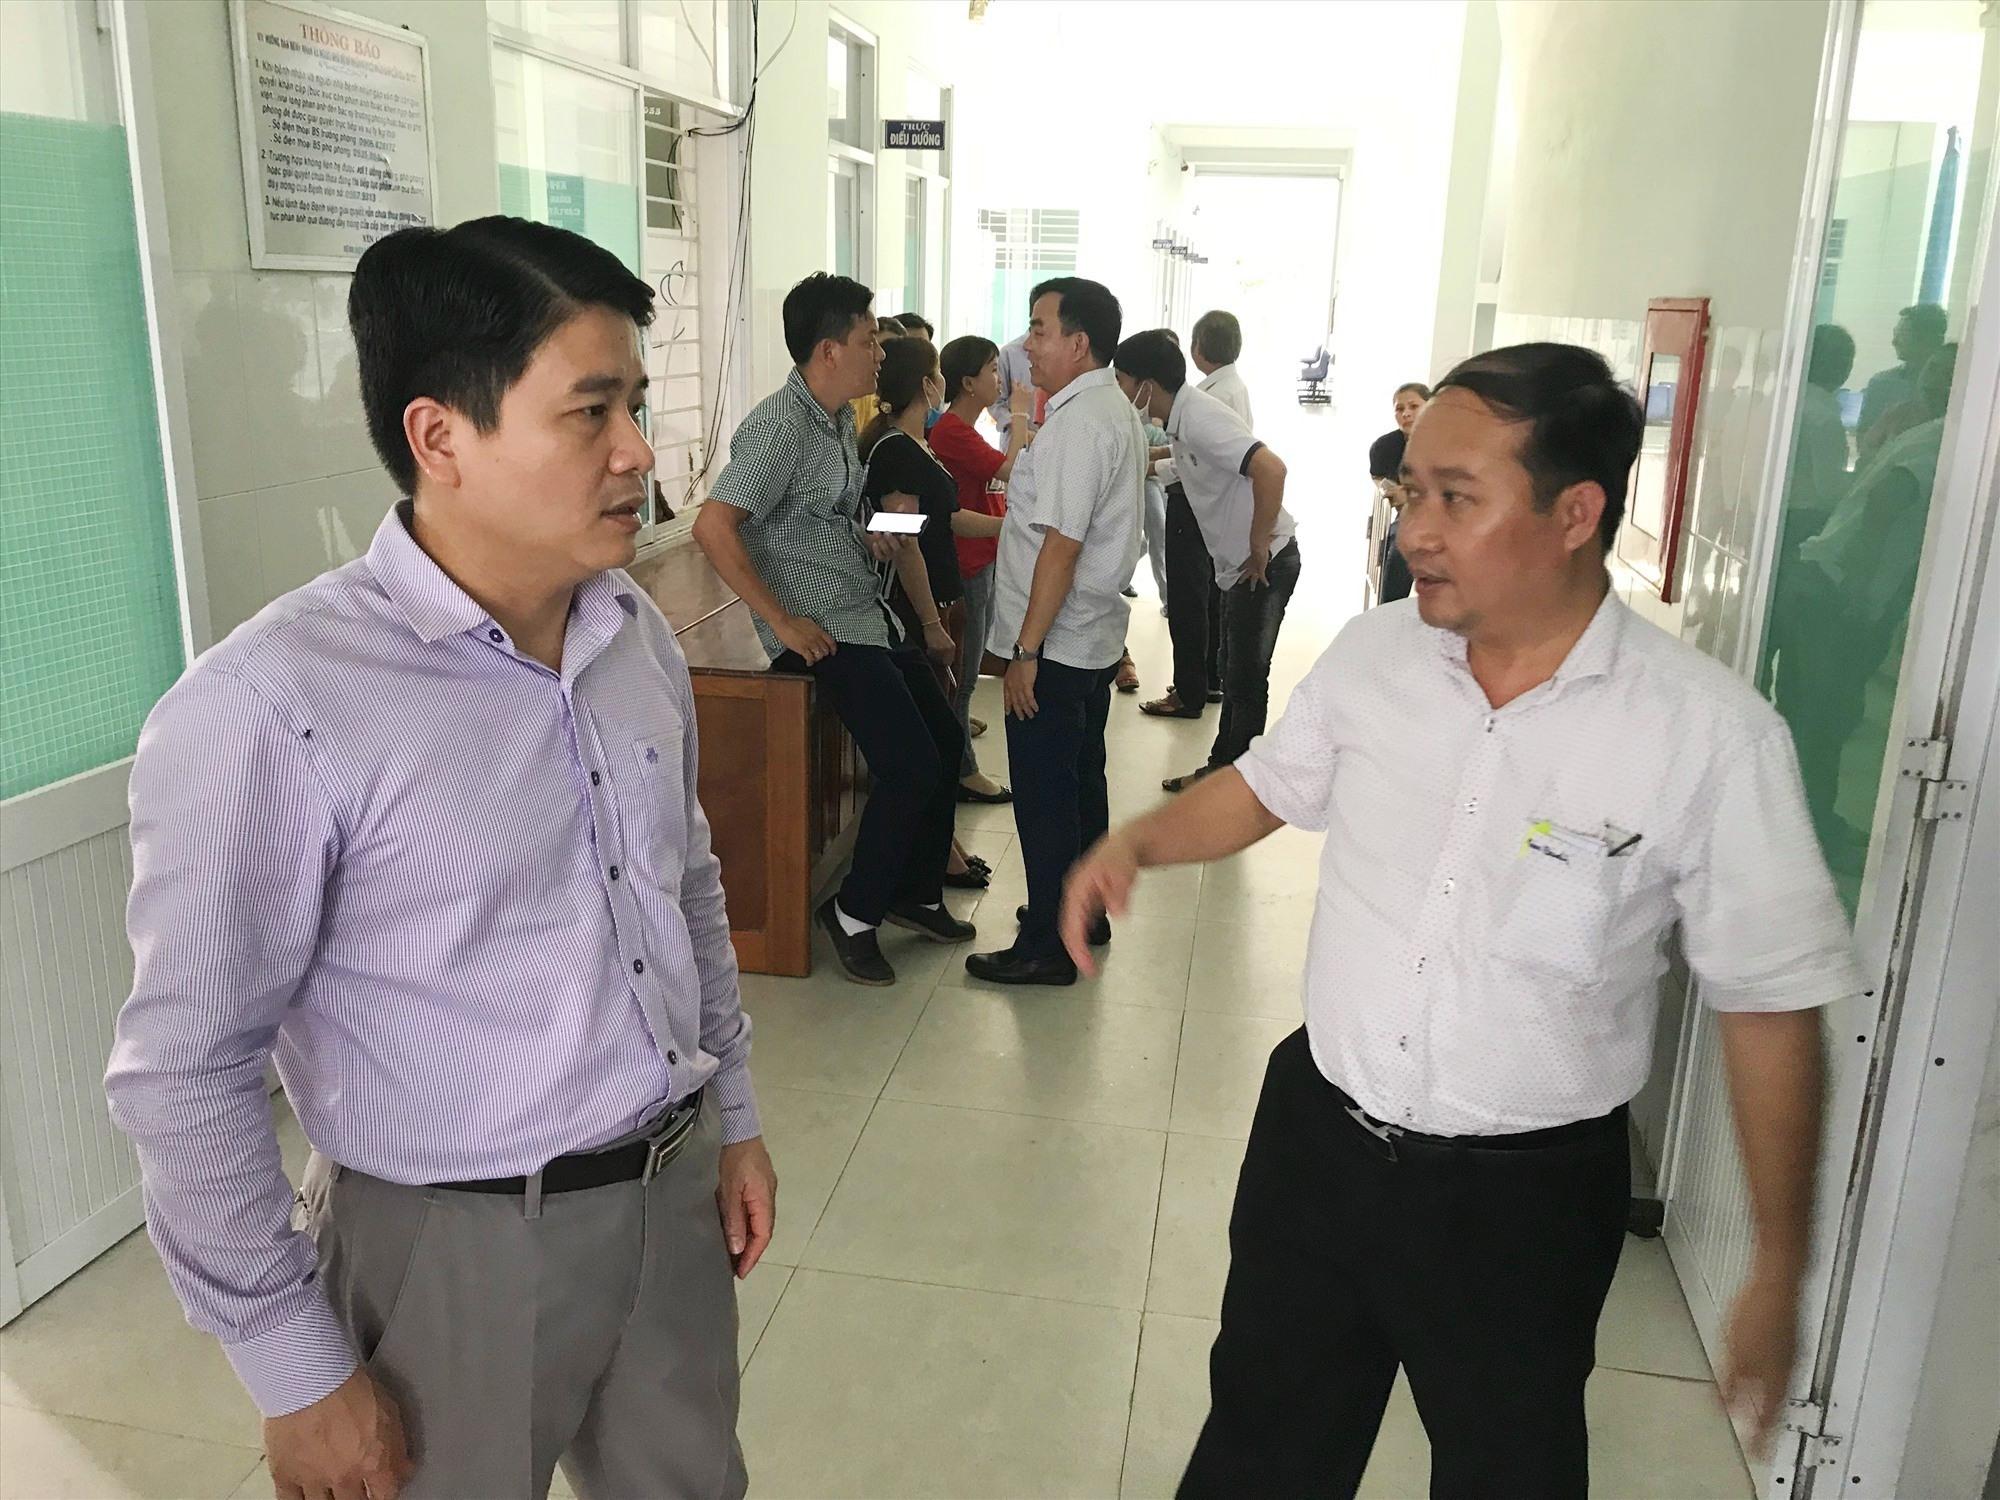 Phó Chủ tịch UBND tỉnh Trần Văn Tân (bên trái) sẽ phụ trách và trực tiếp chỉ đạo Văn phòng thường trực phòng chống Covid-19 tại Hội An. Ảnh: Q.T